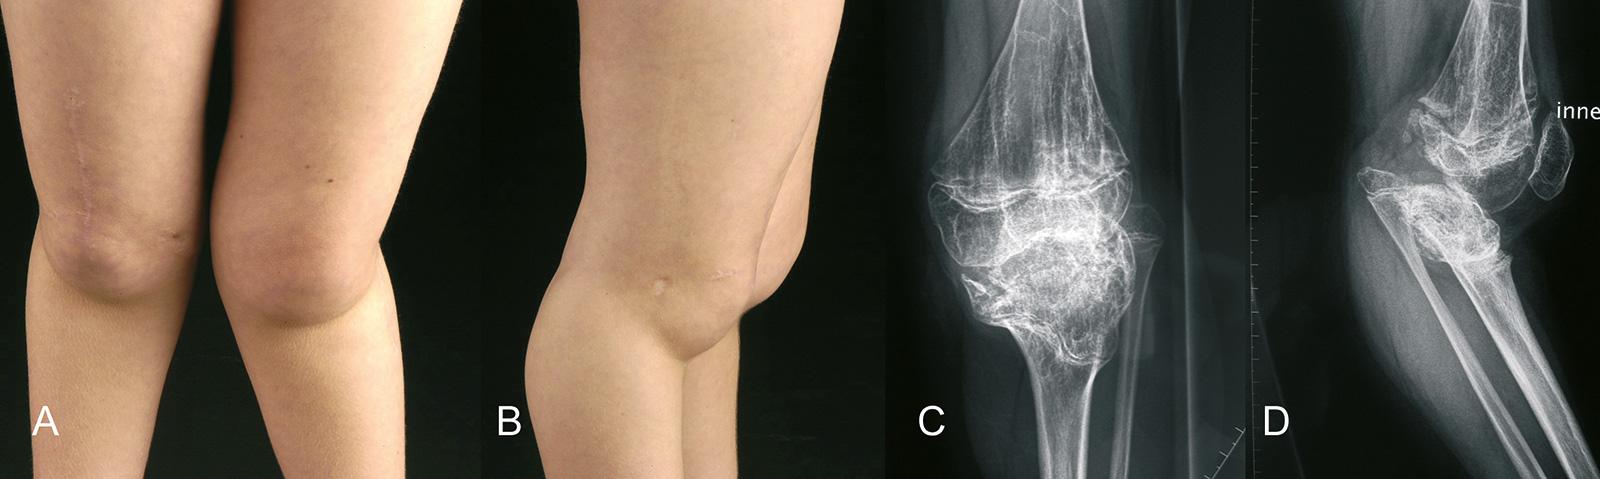 Abb. 4-20: 8-jähriger Patient mit einer multiplen epiphysären Dysplasie. Es zeigt sich eine Deformierung der proximalen Tibia mit resultierender Subluxation des Kniegelenks